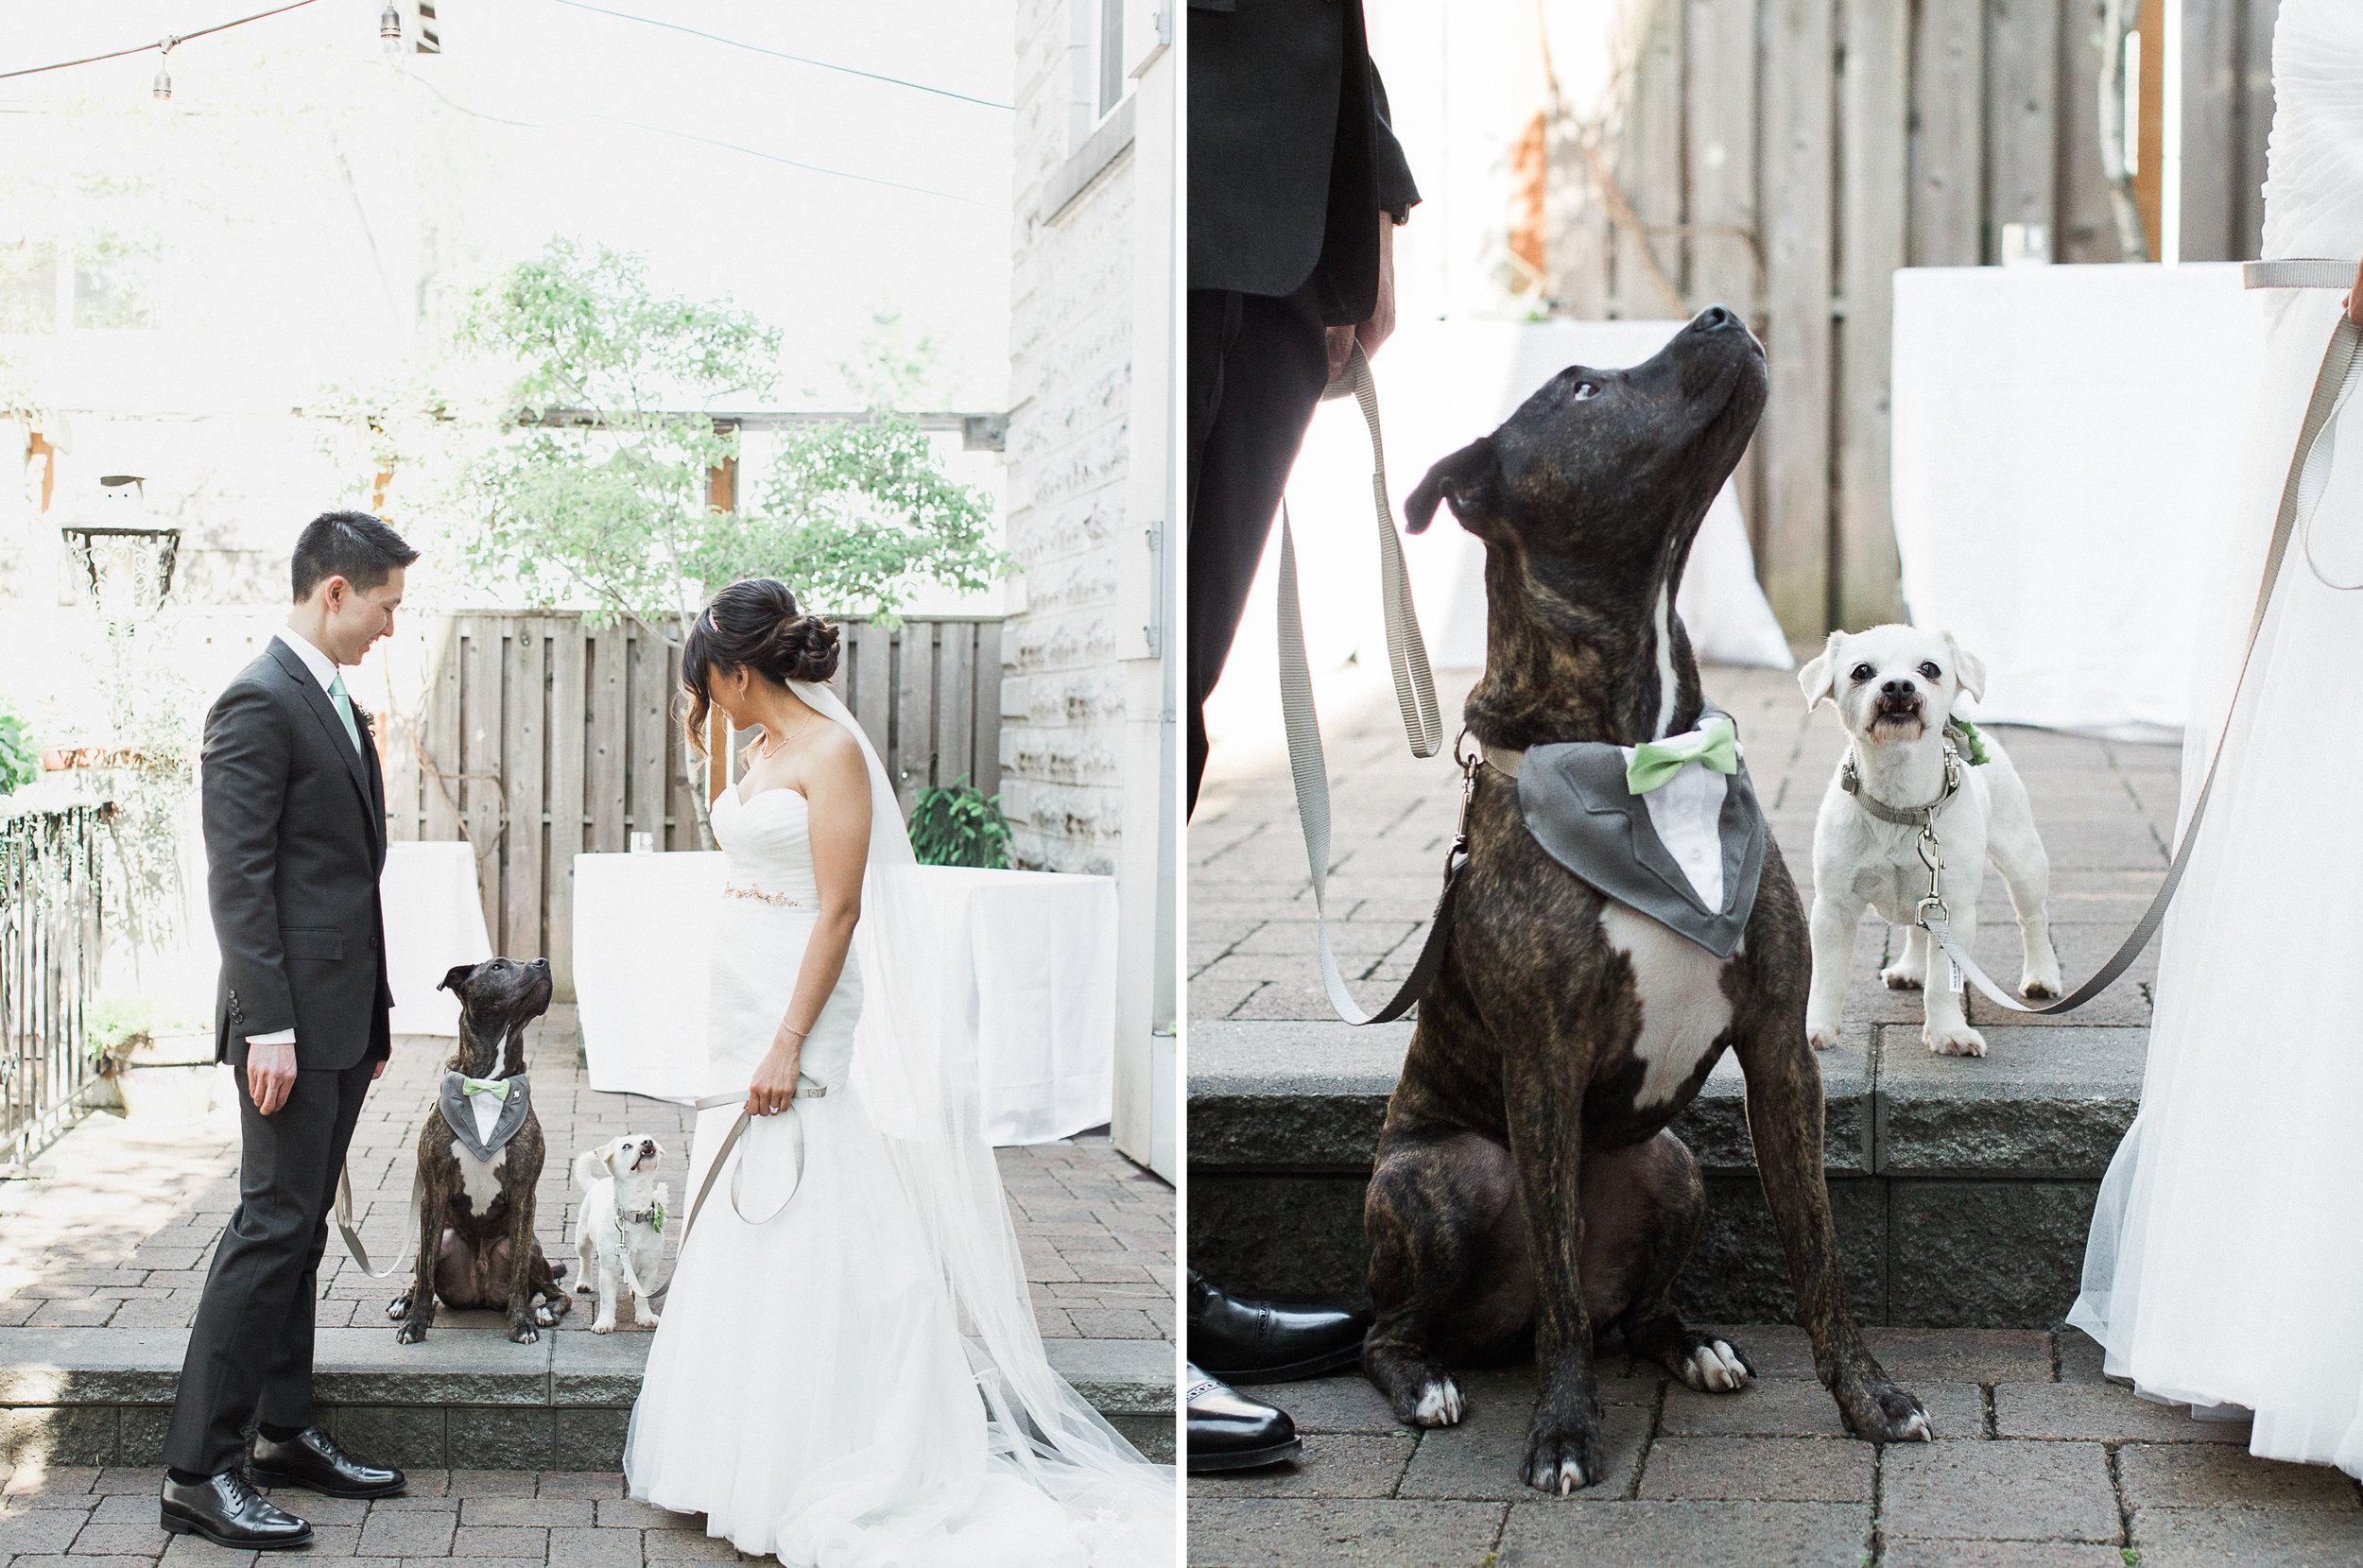 opal-28-urban-portland-greenery-wedding-12.jpg